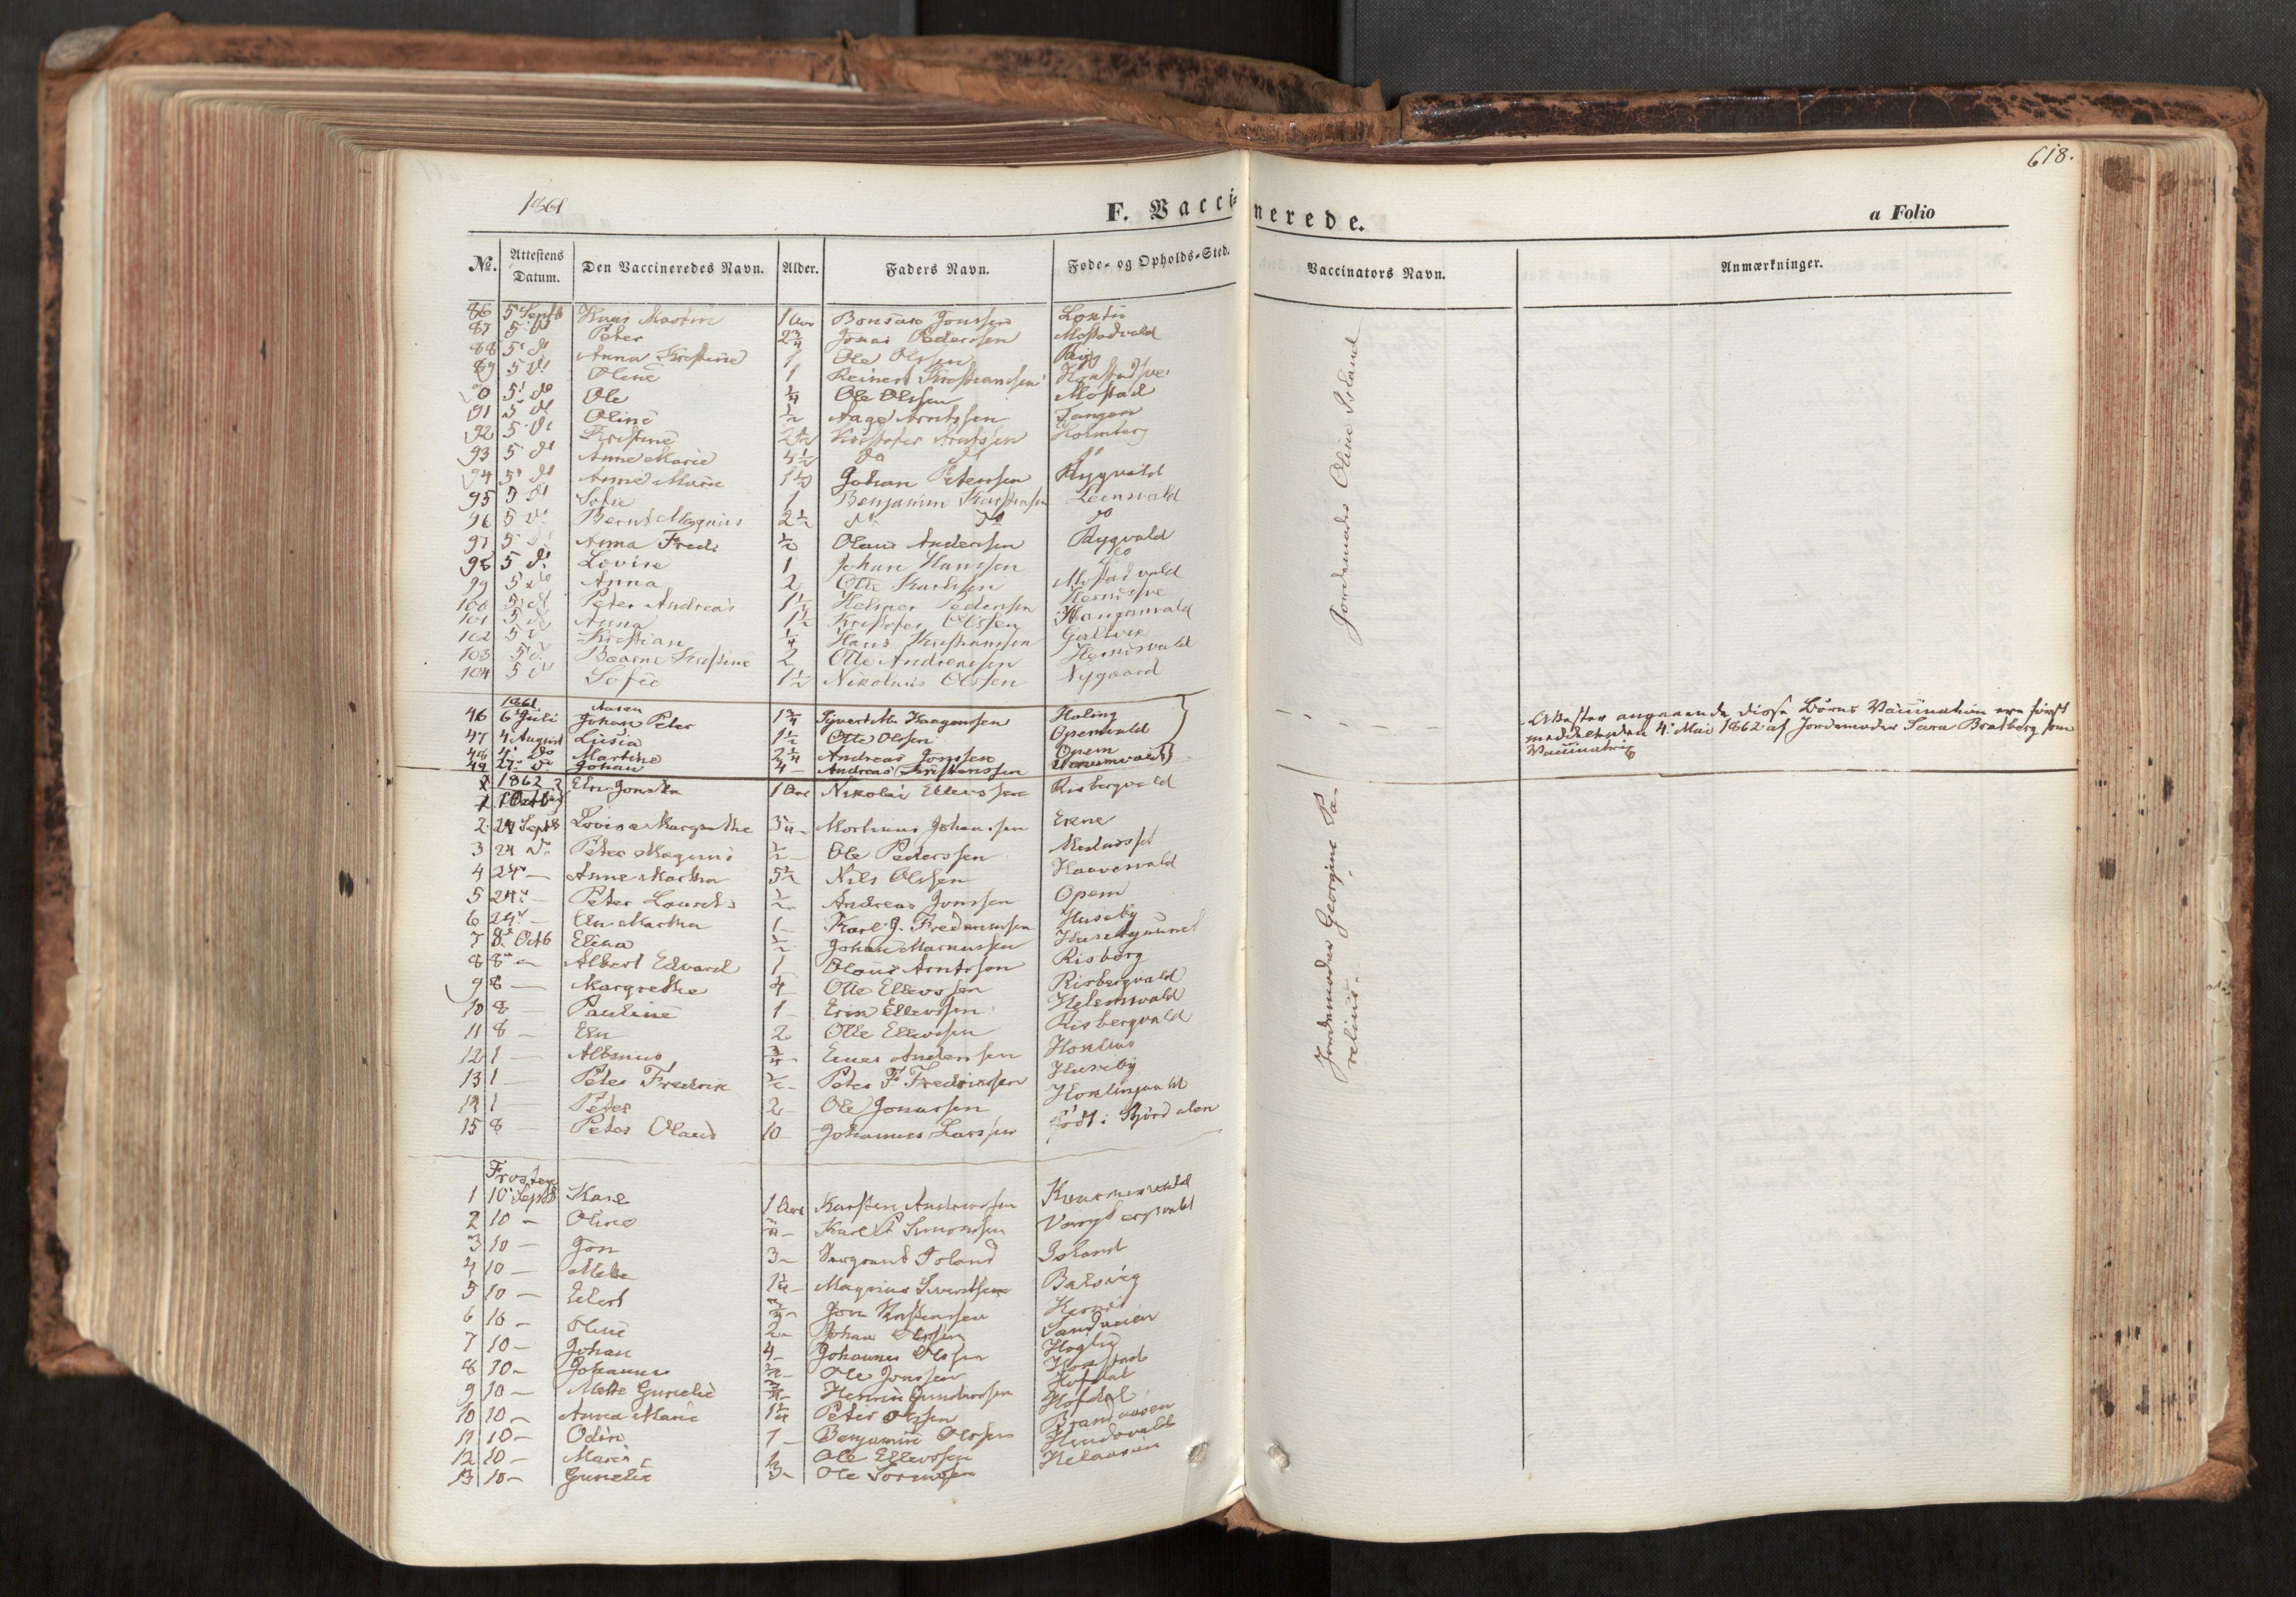 SAT, Ministerialprotokoller, klokkerbøker og fødselsregistre - Nord-Trøndelag, 713/L0116: Ministerialbok nr. 713A07, 1850-1877, s. 618